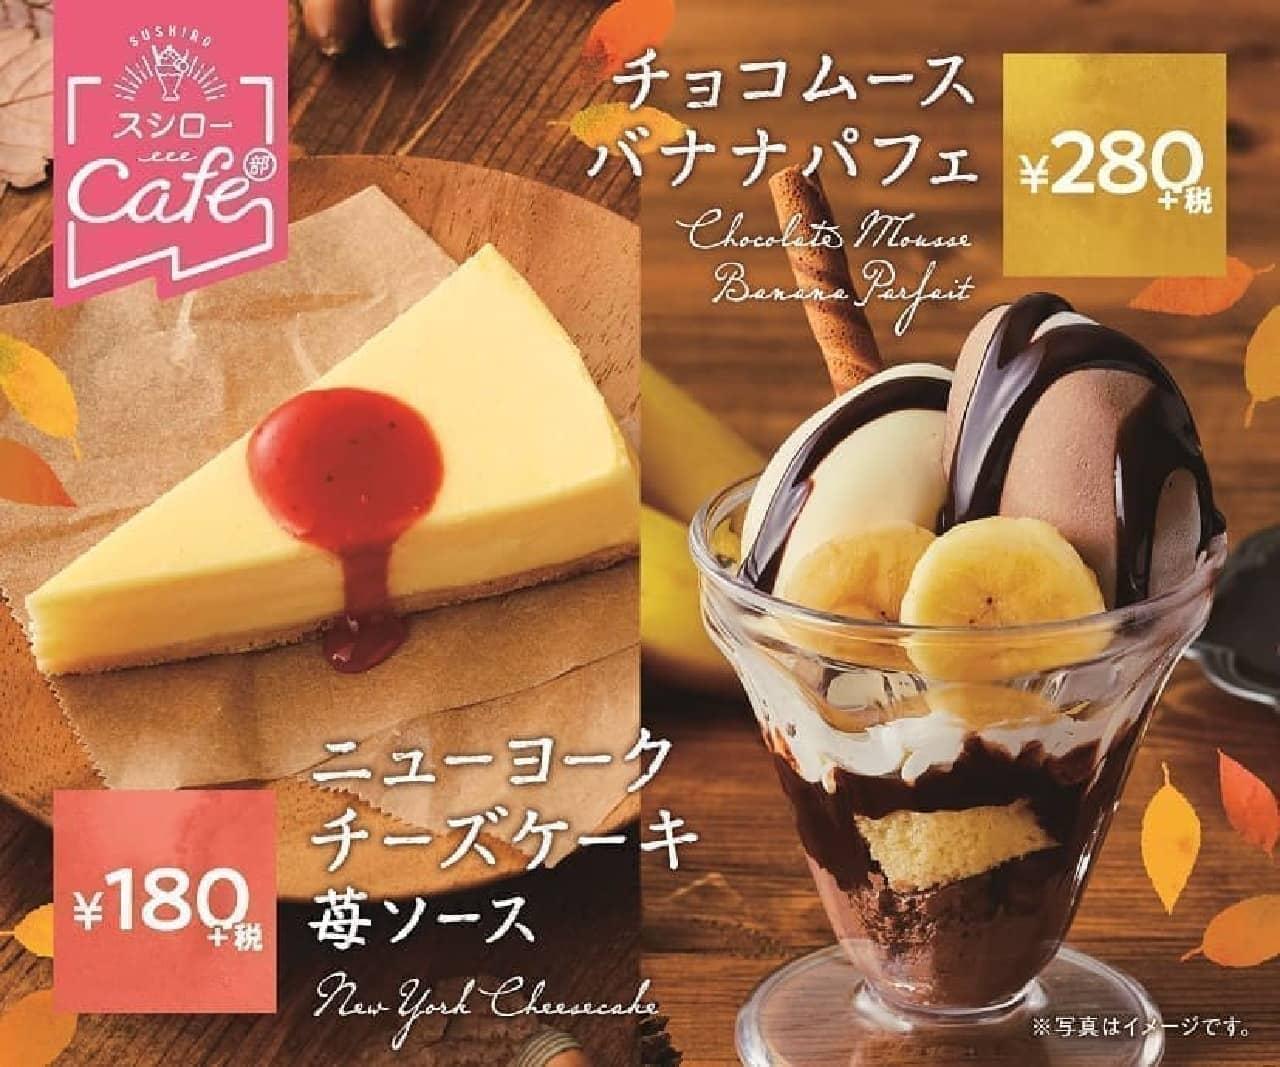 スシロー「チョコムースバナナパフェ」と「ニューヨークチーズケーキ 苺ソース」